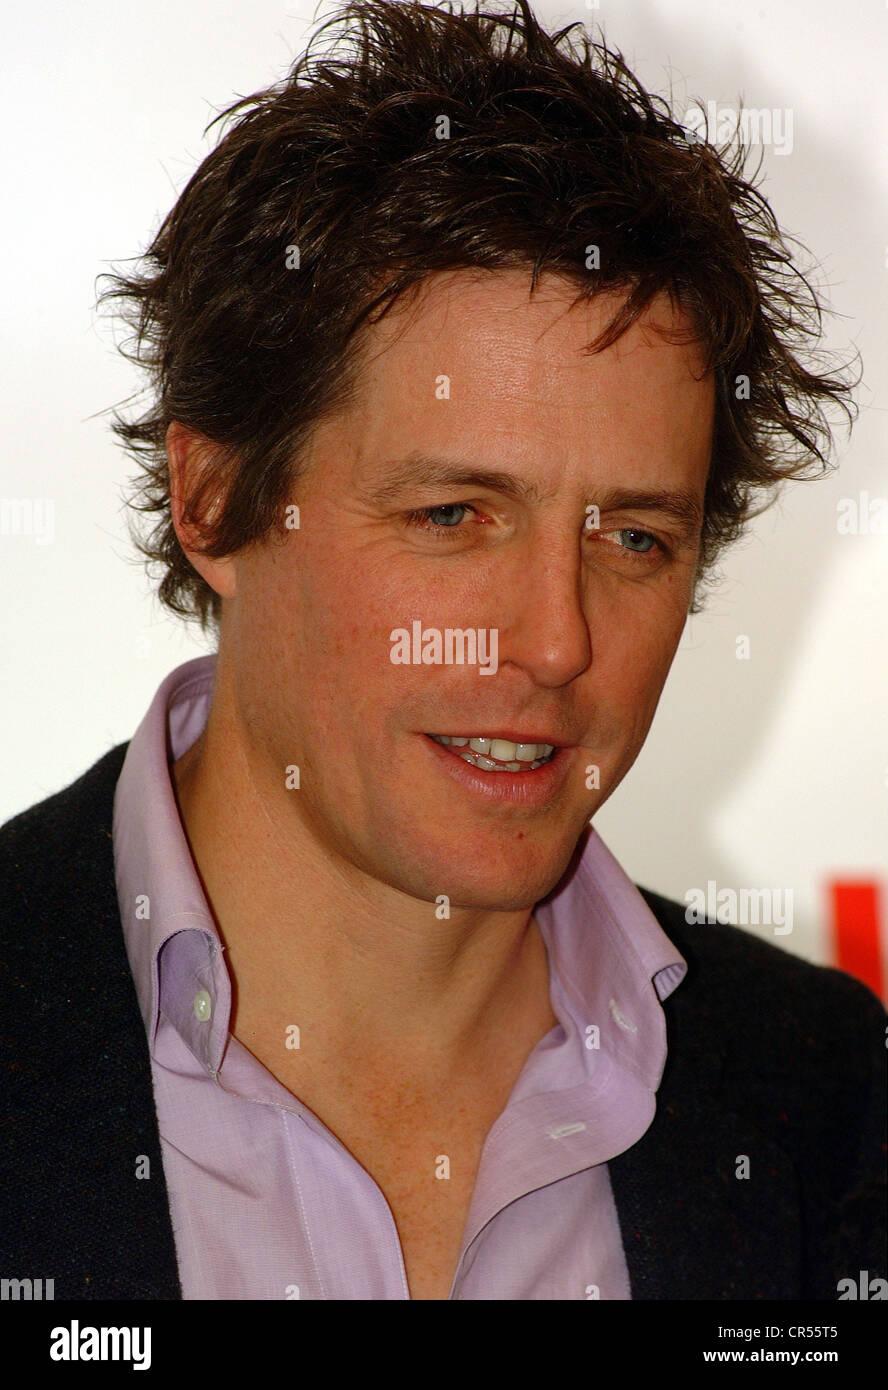 """Grant, Hugh, * 9.9.1960, britischer Schauspieler, Portrait, Deutschland-Premiere des Films """"Love Actually"""", München, Stockfoto"""